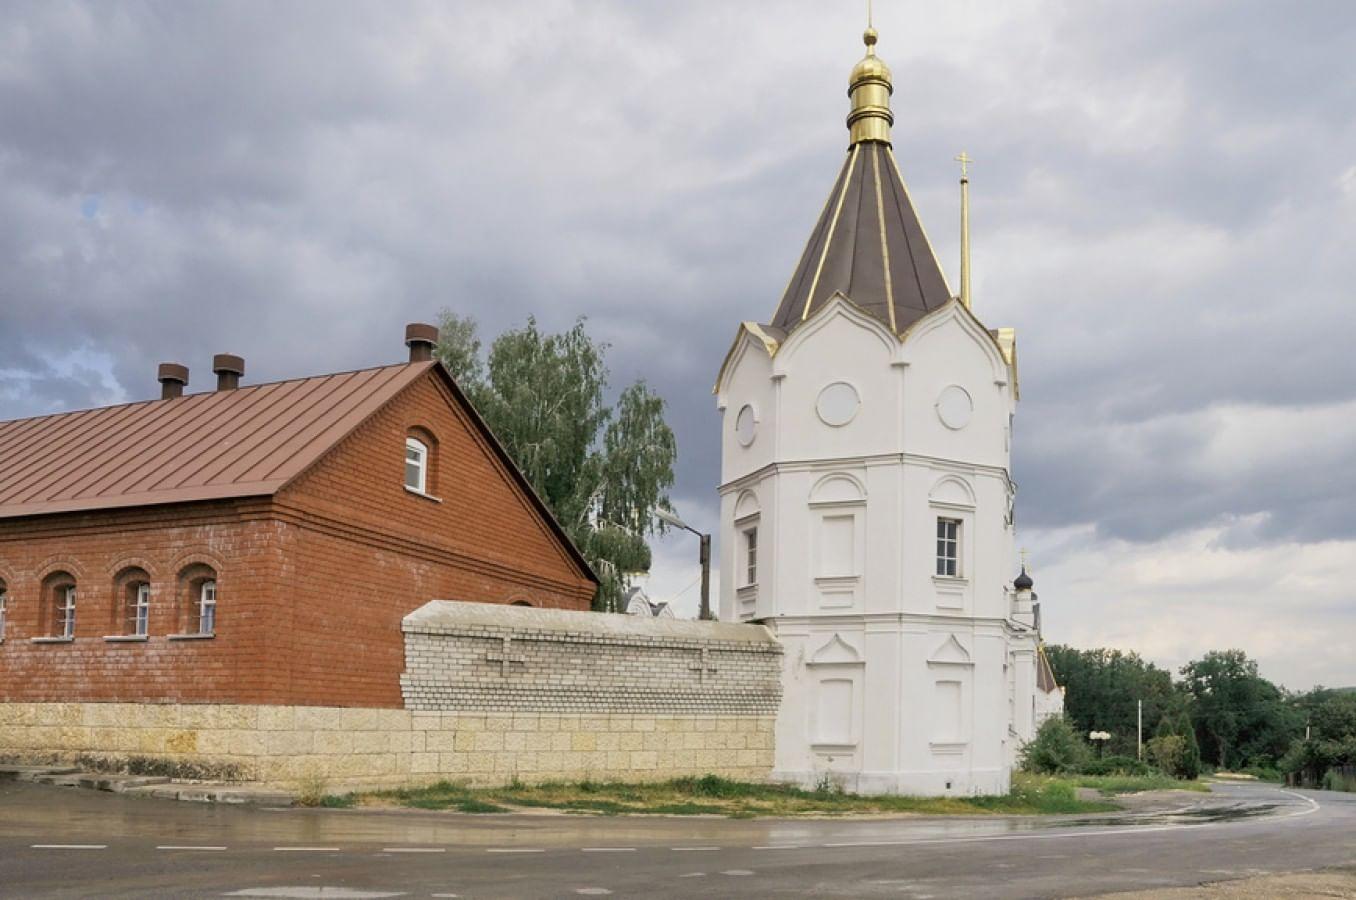 Задонский Троицкий Тихоновский женский монастырь в Липецкой области